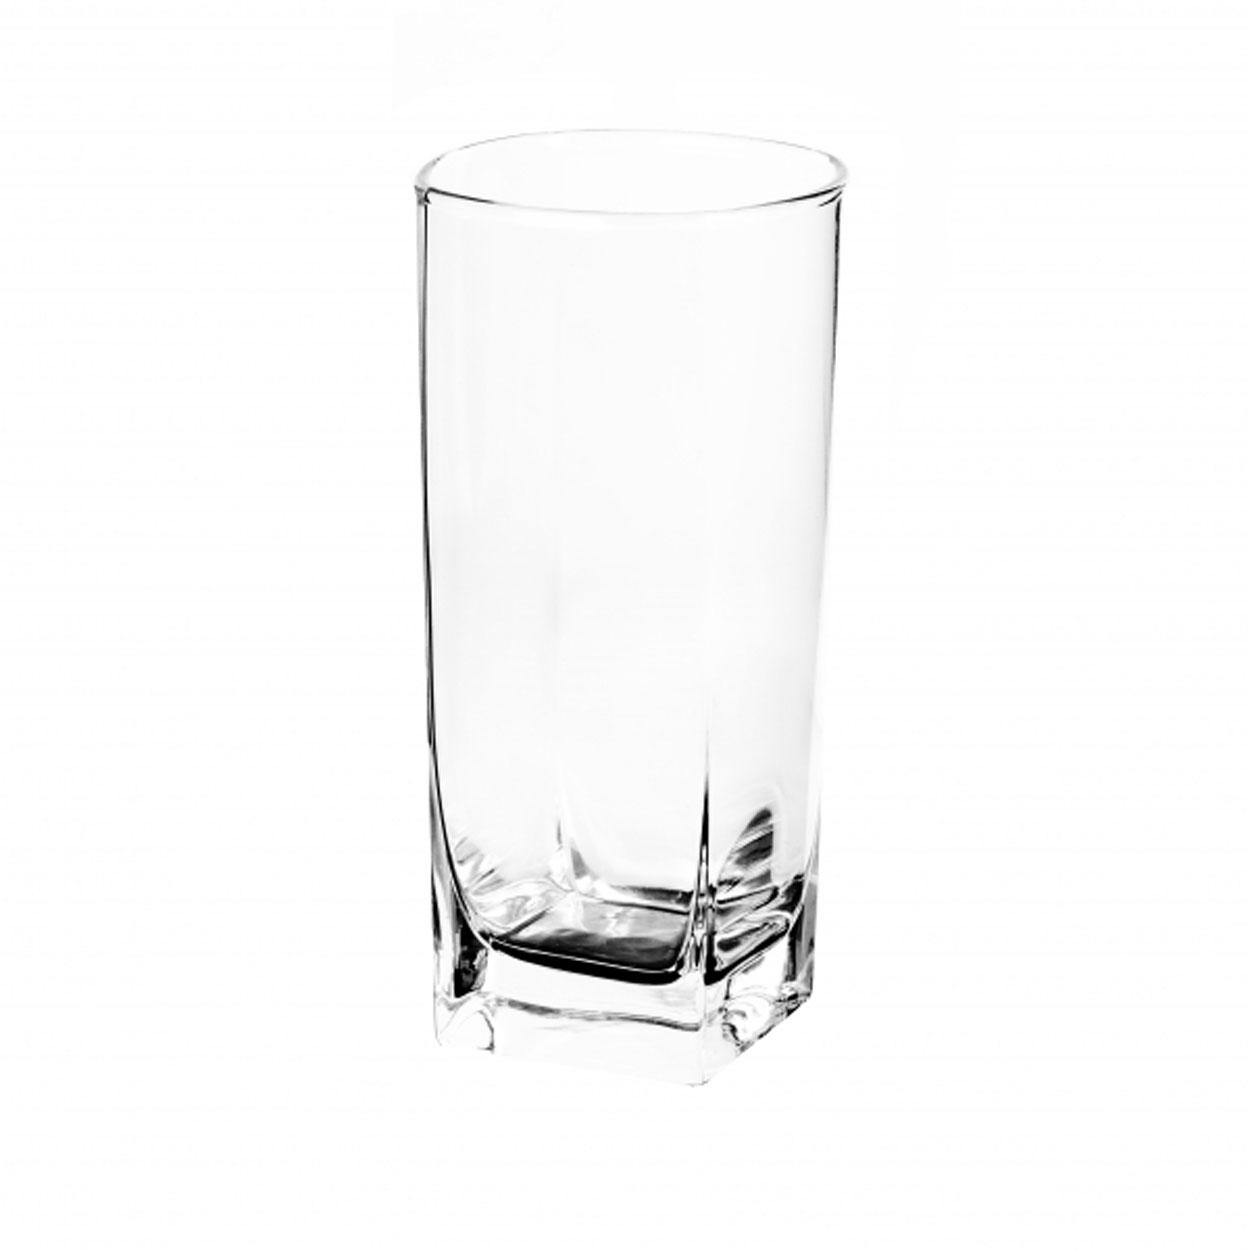 Набор стаканов Luminarc Стерлинг, 330 мл, 6 шт набор стаканов luminarc new america